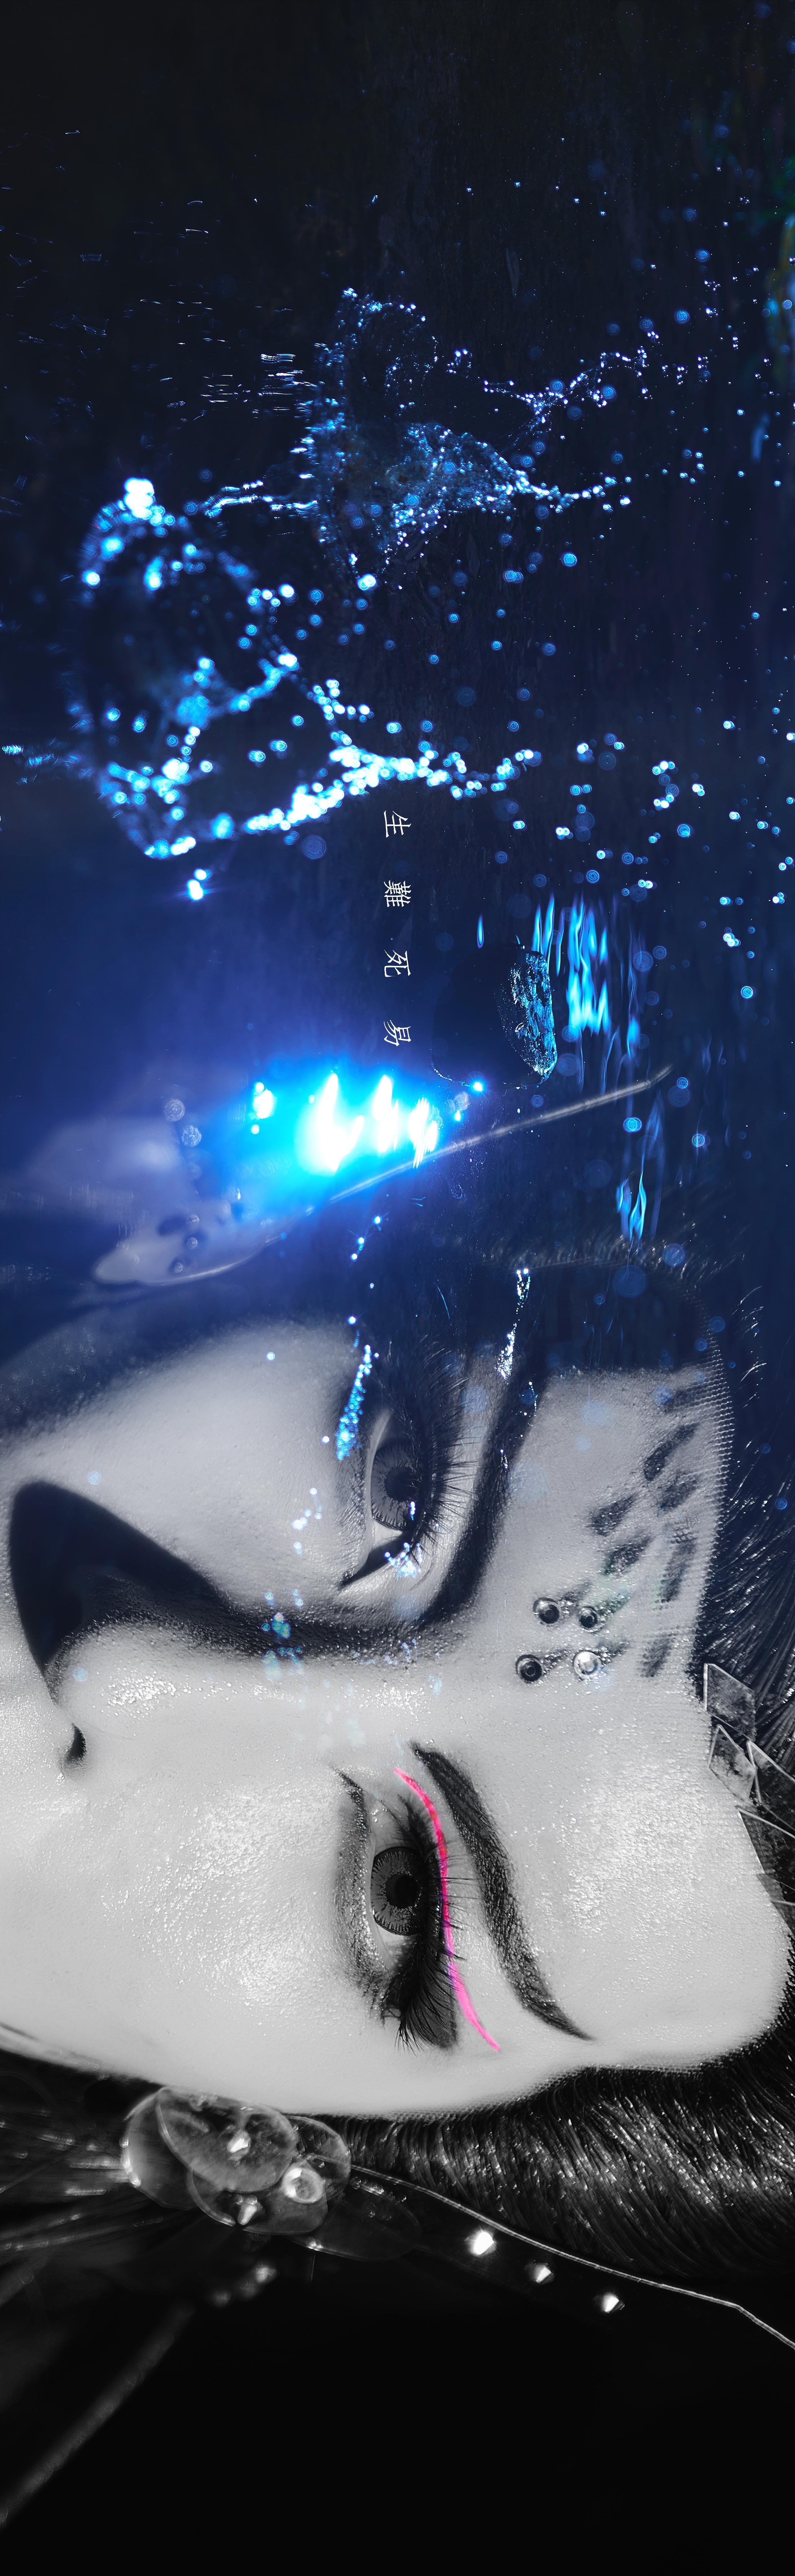 《金光布袋戏》北冥cosplay【CN:城欢】-第9张